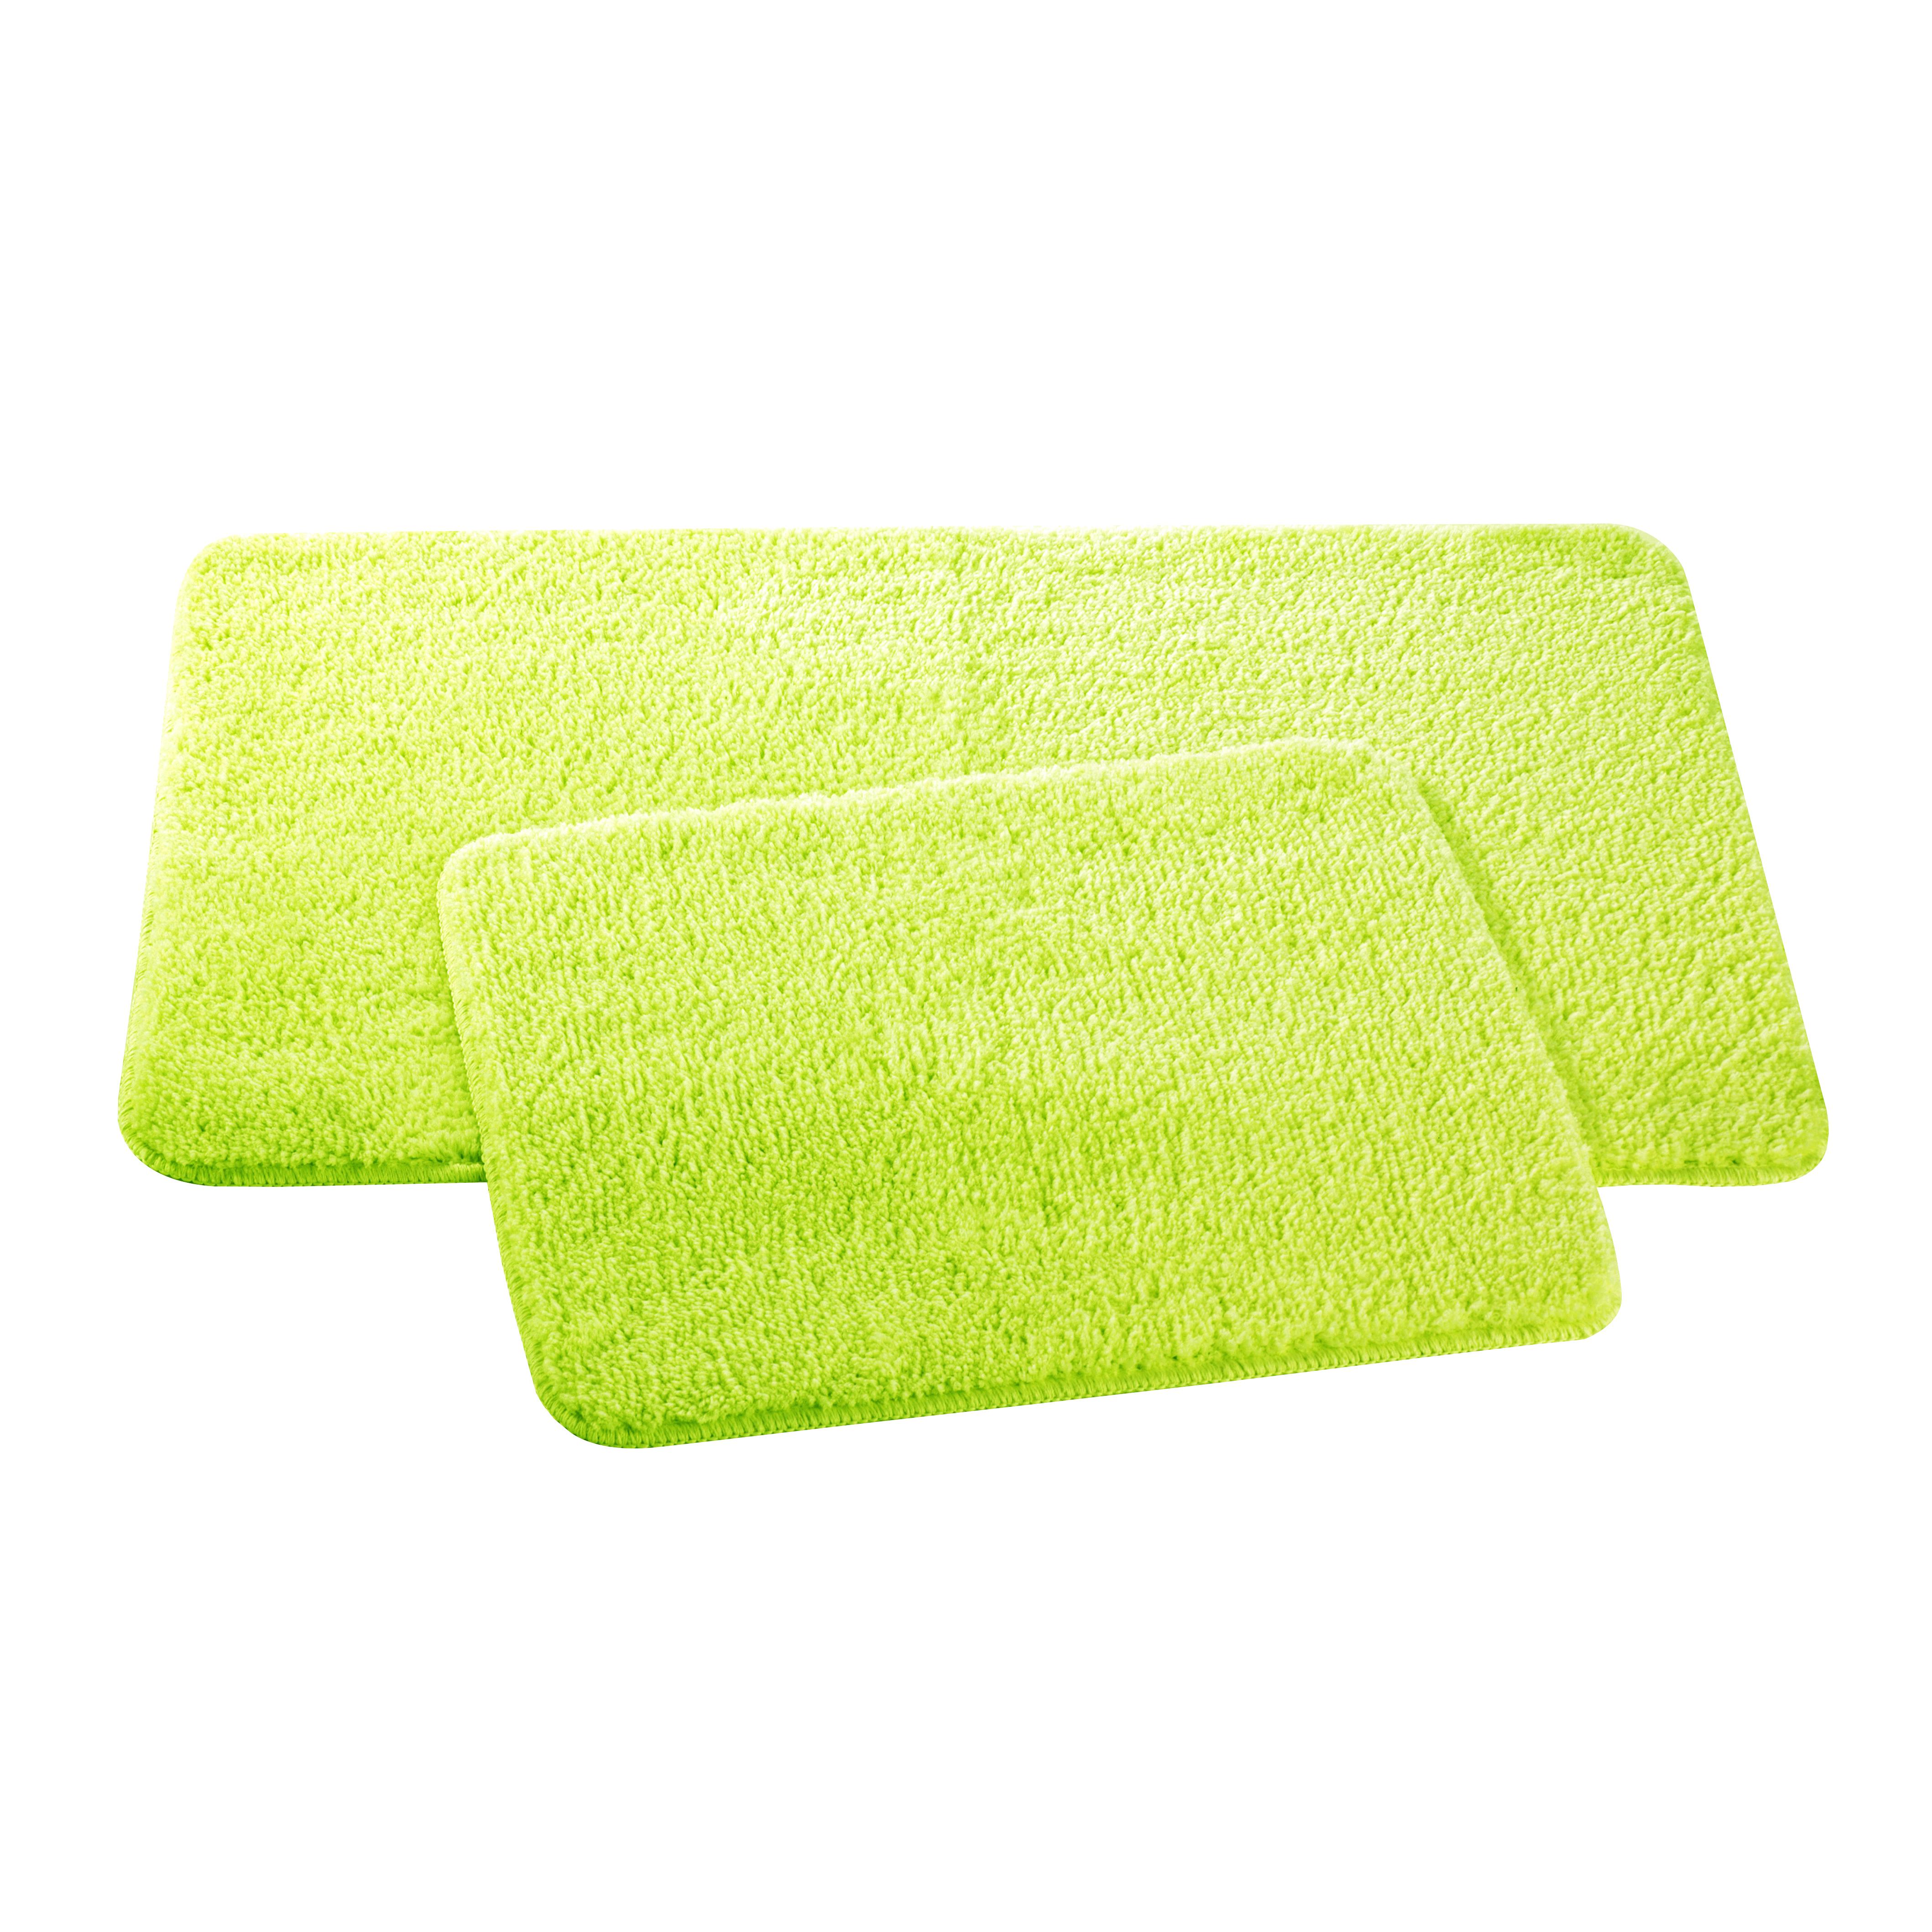 Набор ковриков для ванной и туалета Axentia, цвет: мятный, 50 х 80 см, 50 х 40 см, 2 шт116139Набор из двух ковриков для ванной комнаты и туалета из микрофибры, 50х80 и 50х40 см. Высота ворса 1,5 см, стеганный. Противоскользящее основание изготовлено из термопластичной резины и подходит для полов с подогревом. Коврик мягкий и приятный на ощупь, отлично впитывает влагу и быстро сохнет. Можно стирать в стиральной машине. Высокая износостойкость коврика и стойкость цвета позволит вам наслаждаться покупкой долгие годы. Широкая гамма расцветок ковриков Axentia удовлетворит самый притязательный вкус.